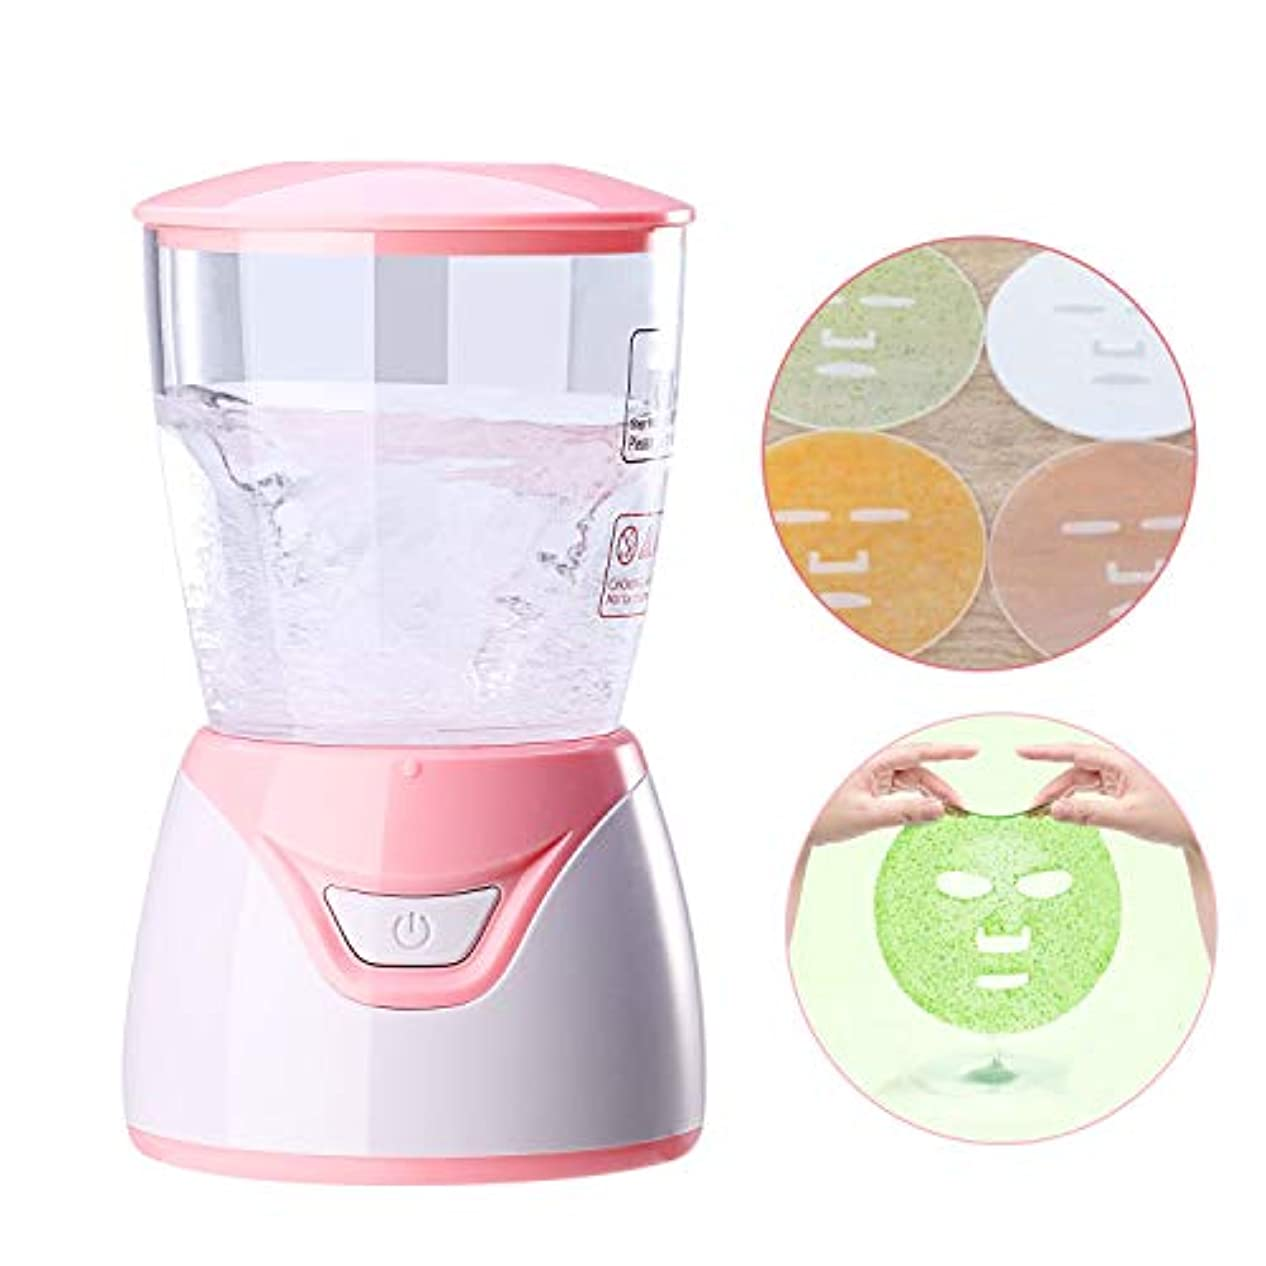 LVESHOP マスクマシンDIY自家製果物と野菜のマスクマシンミニマスクマシン美容機器